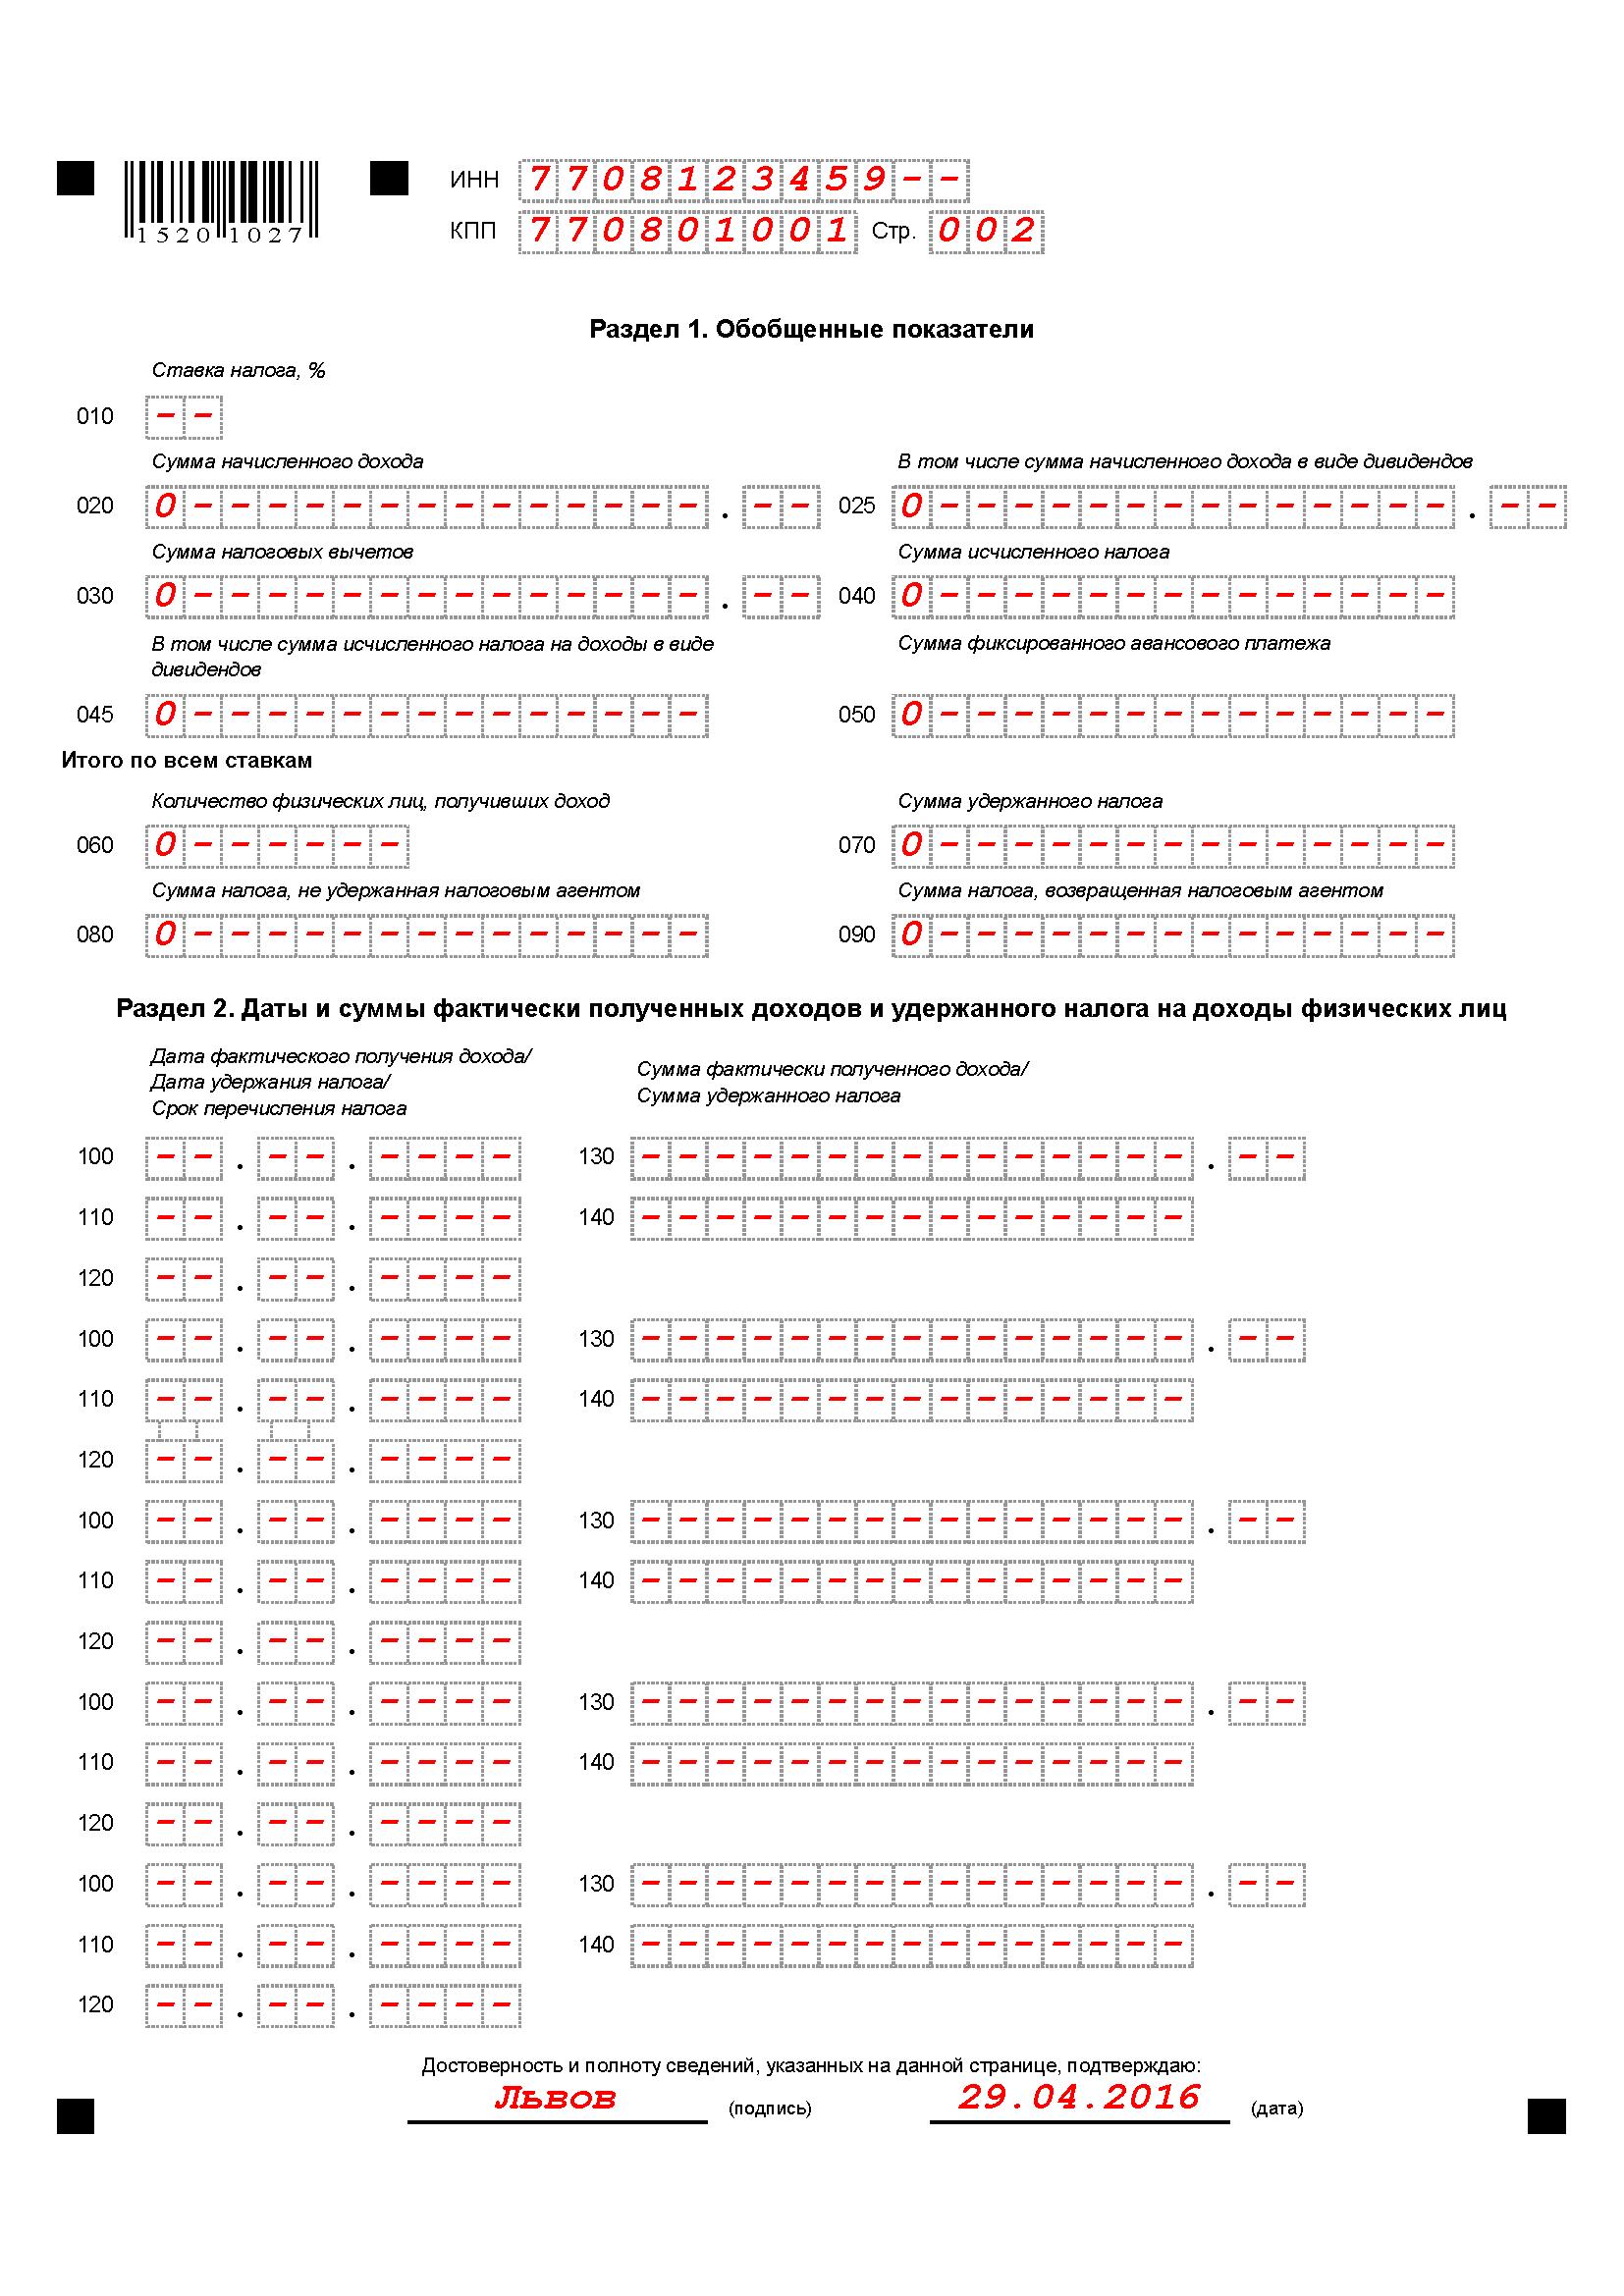 Отчет 6-ндфл за 1 квартал 2016